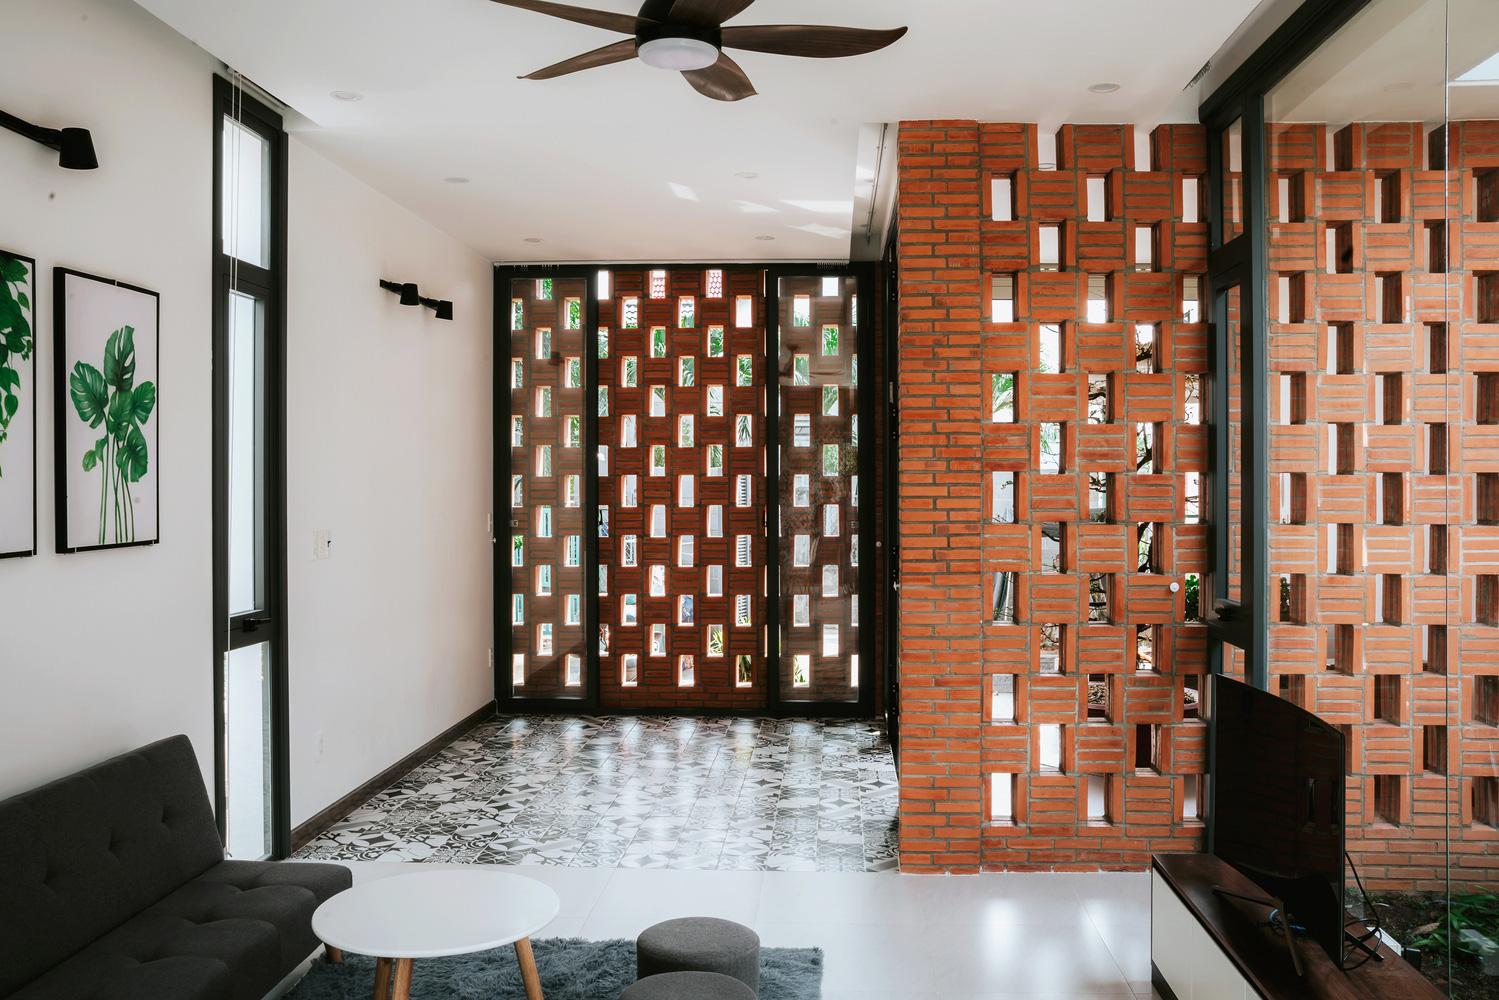 4 ngôi nhà độc đáo của Việt Nam được vinh danh Top 50 công trình đẹp nhất của năm trên tạp chí kiến trúc Mỹ - Ảnh 16.